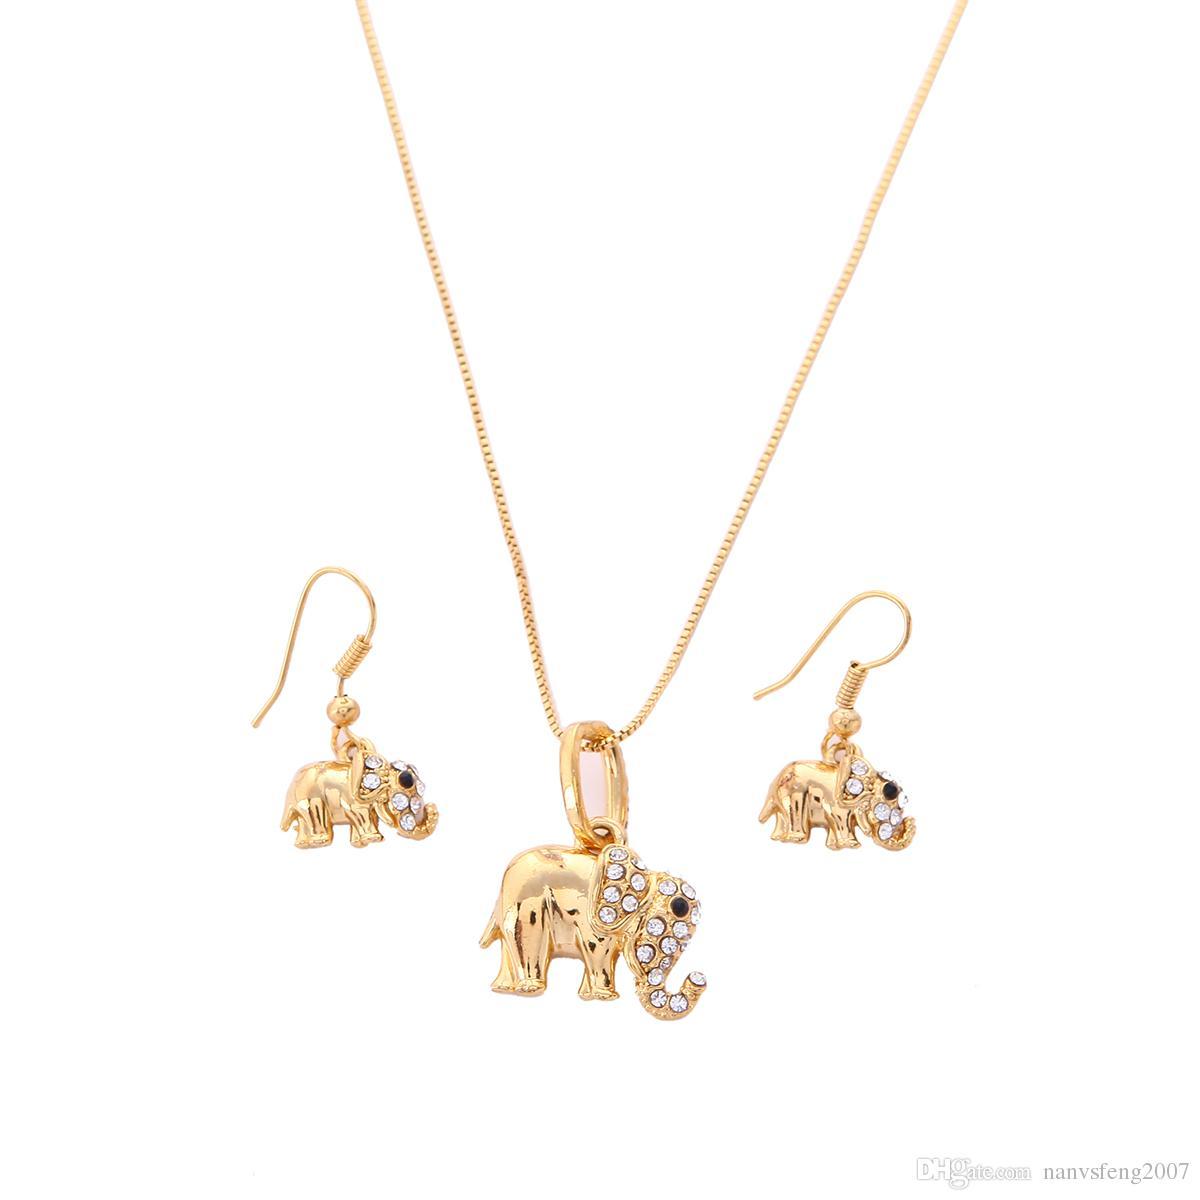 Collier pendentif éléphant mignon zircone cubique avec ensemble de bijoux